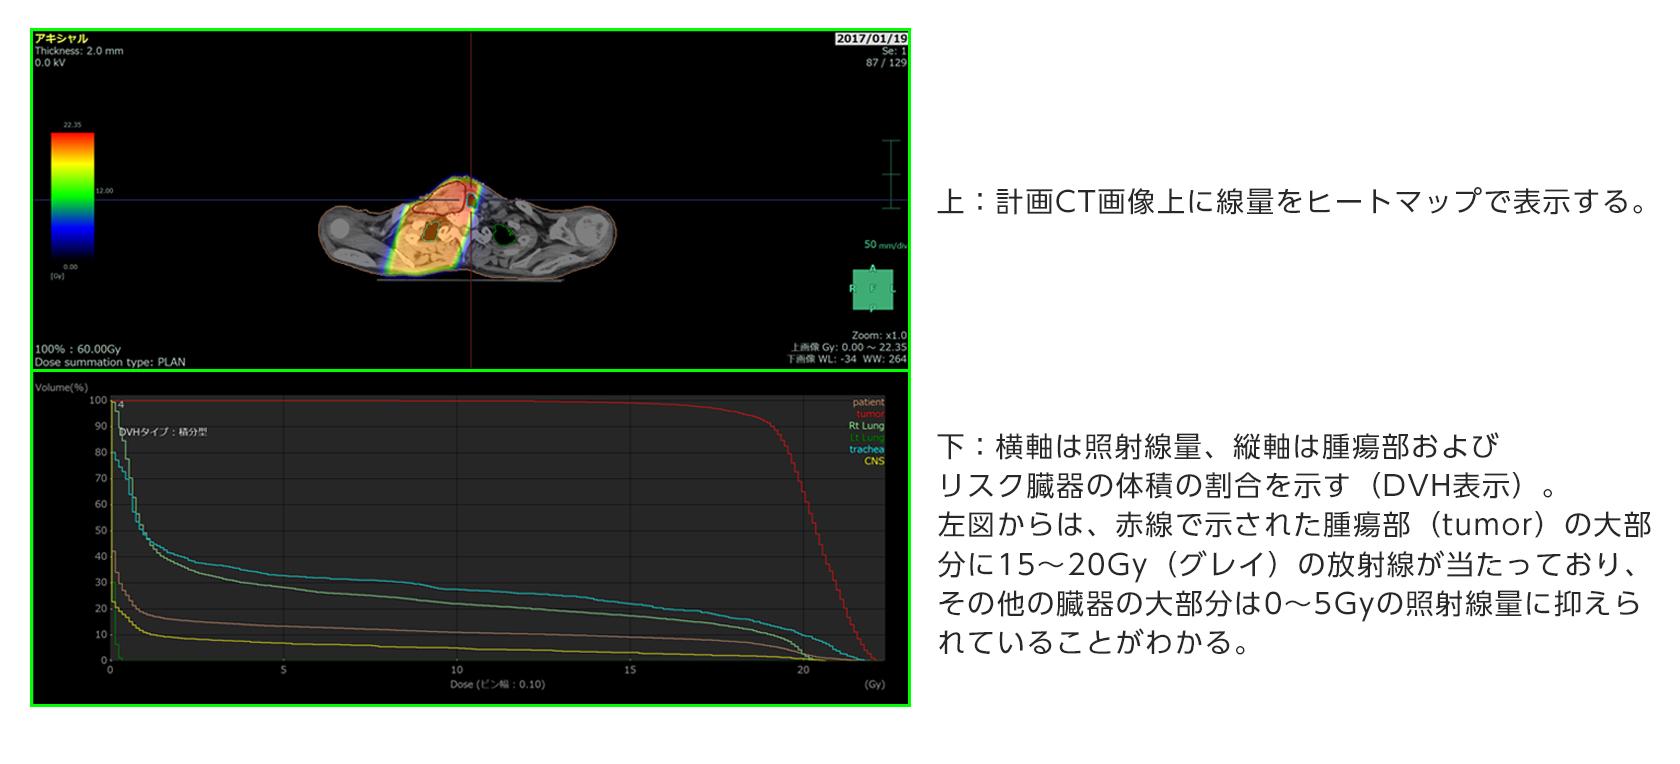 [画像]線量表示機能